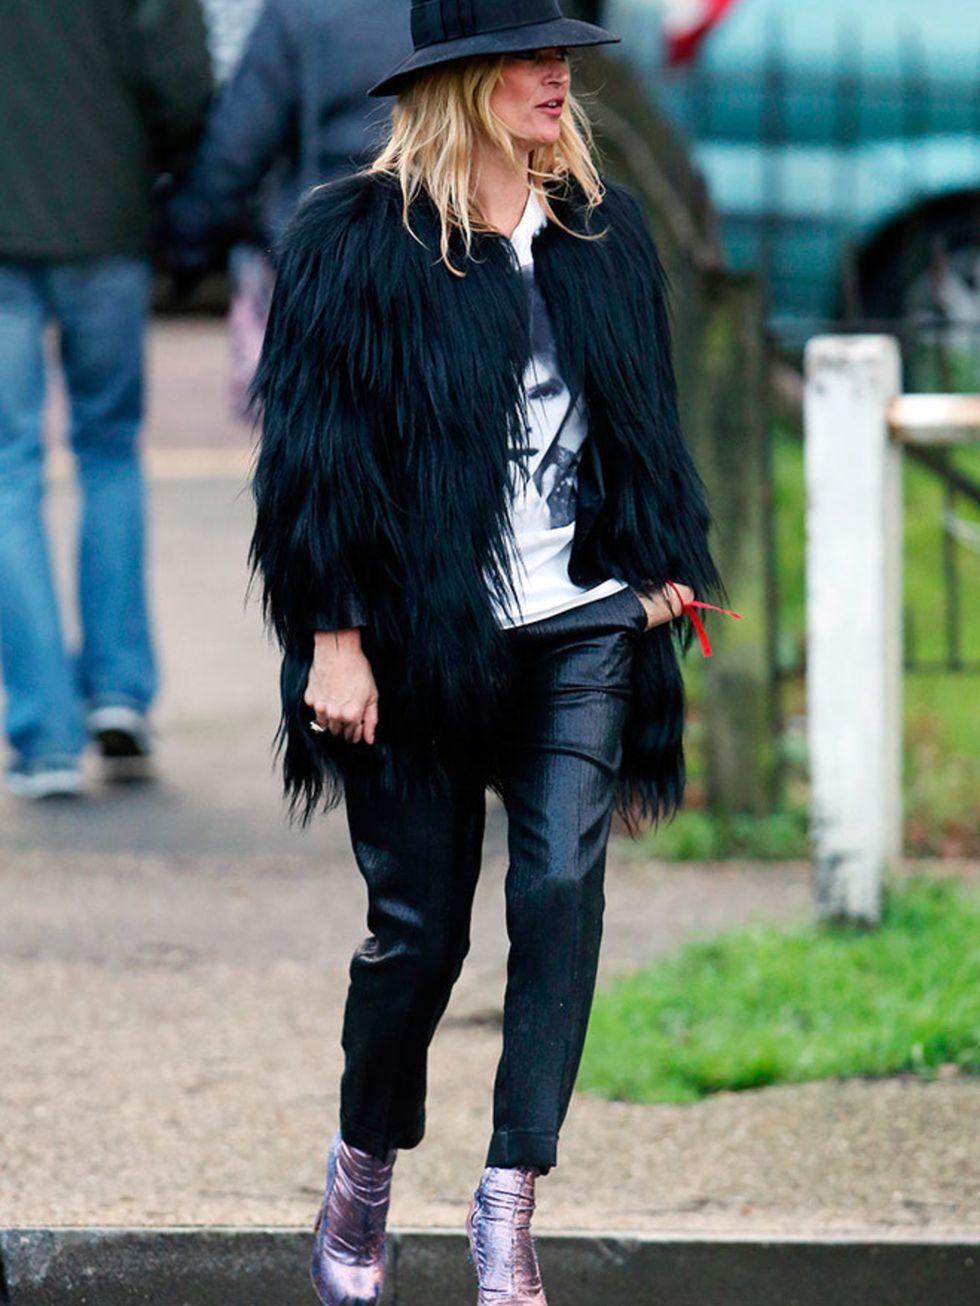 phong cách thời trang siêu mẫu Kate Moss 6